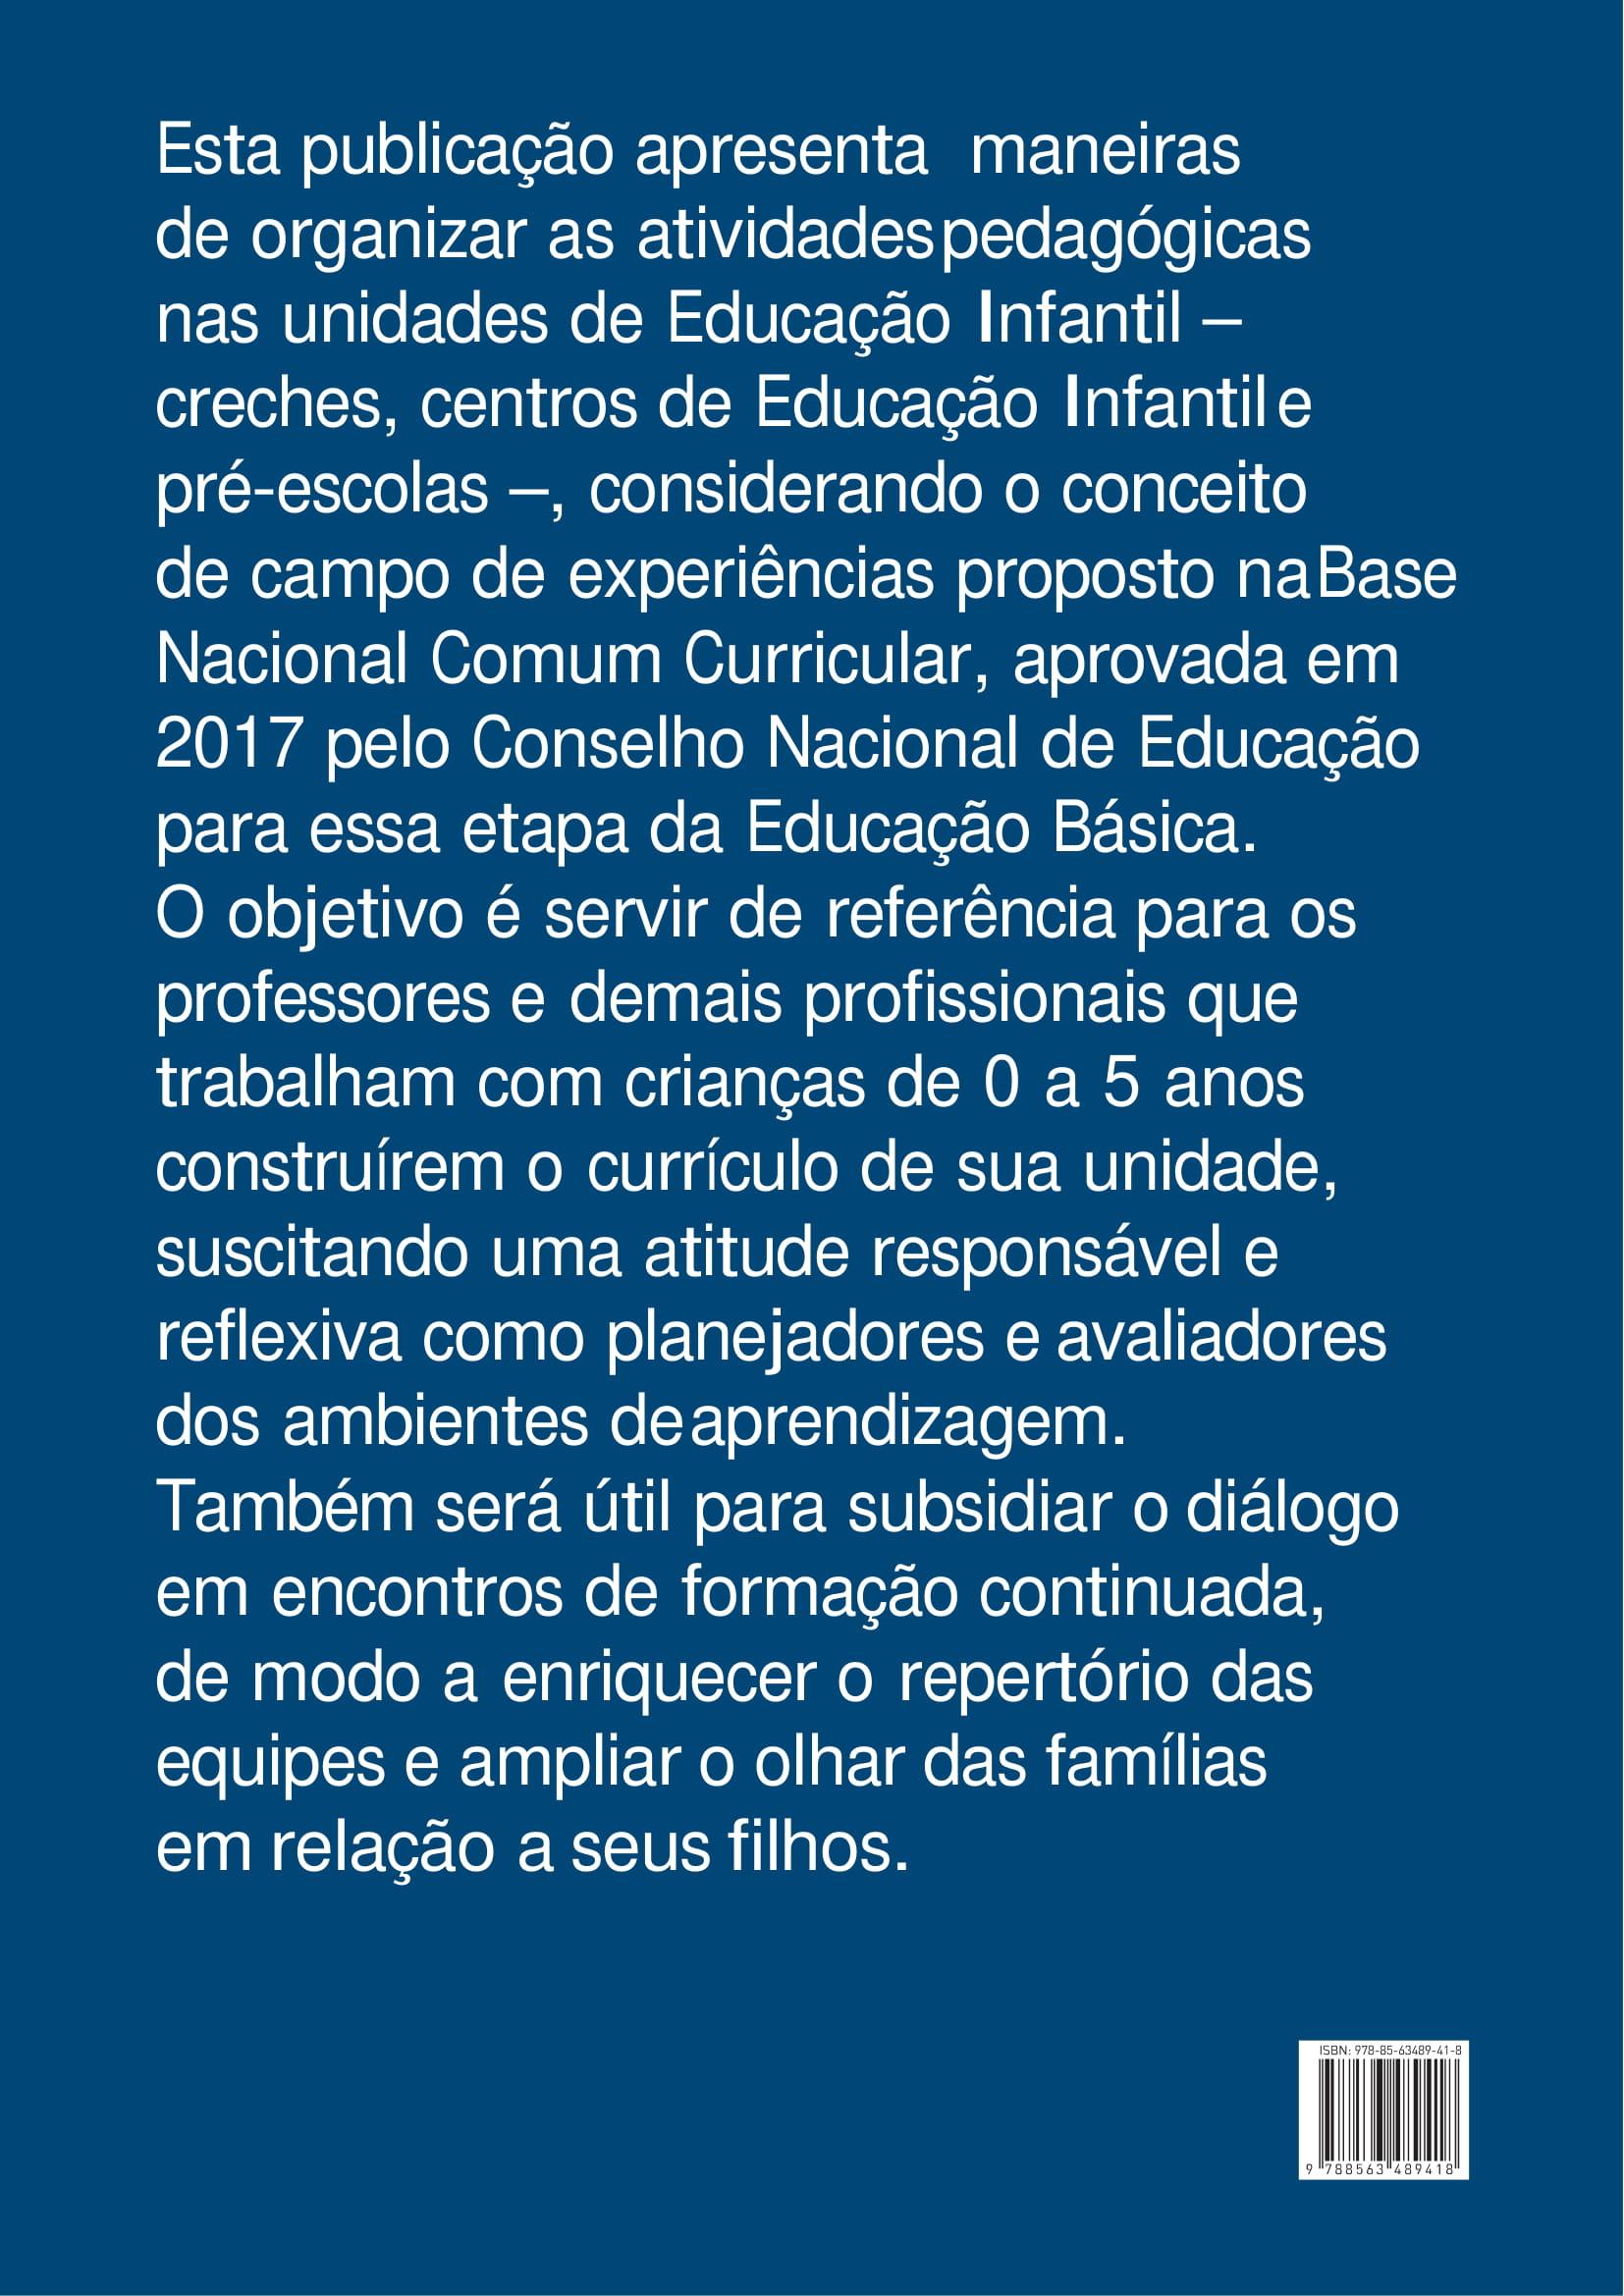 planejamento-educação-infantil-bncc-geral-194